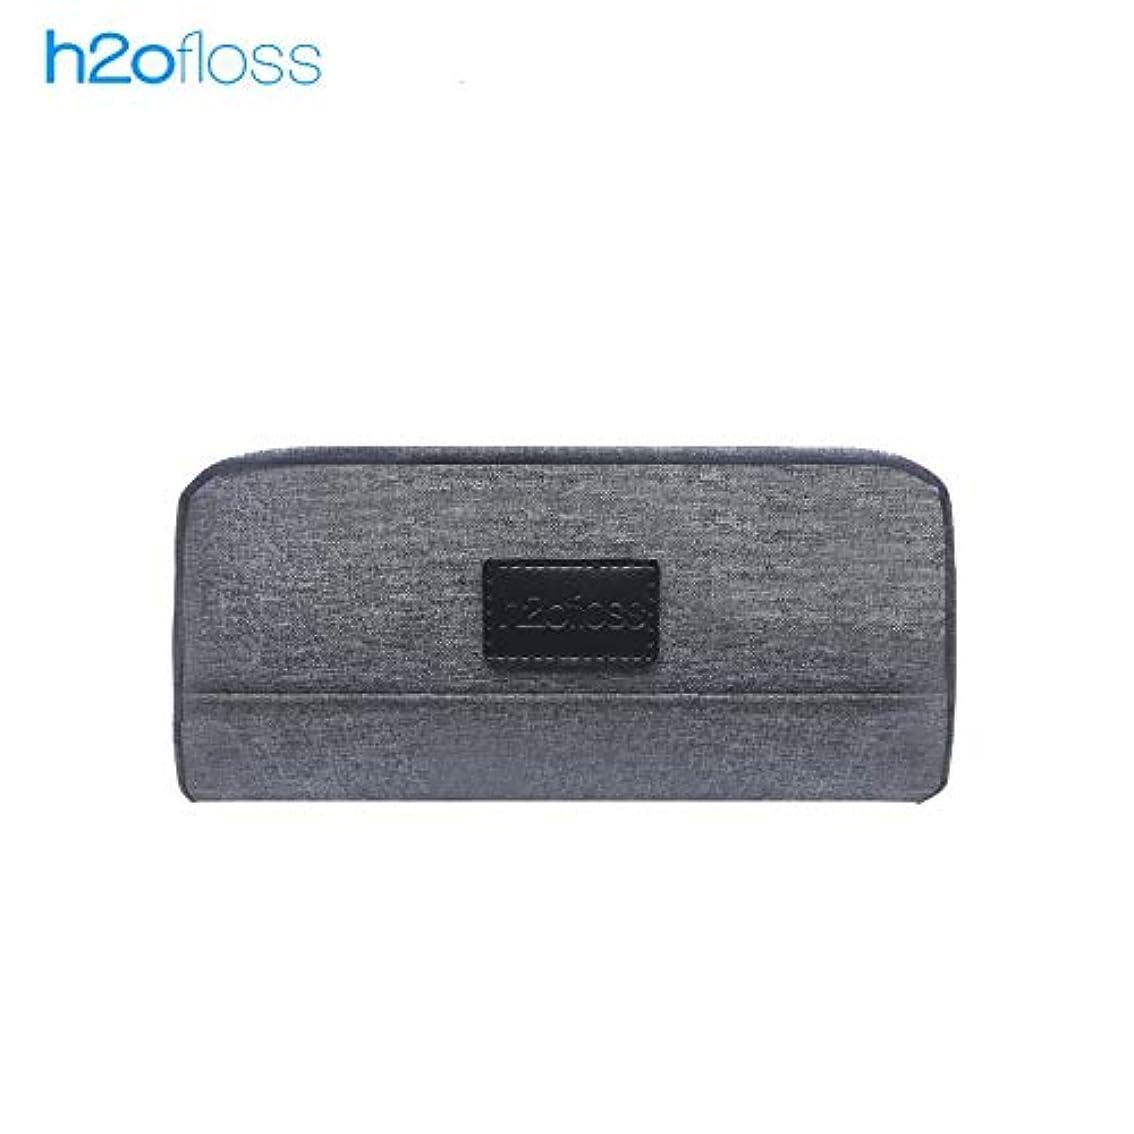 相手毒退屈h2ofloss HF-5 専用の収納バッグ 口腔洗浄器 ジェットウォッシャー スーパー便利な ハードケース 専用旅行収納